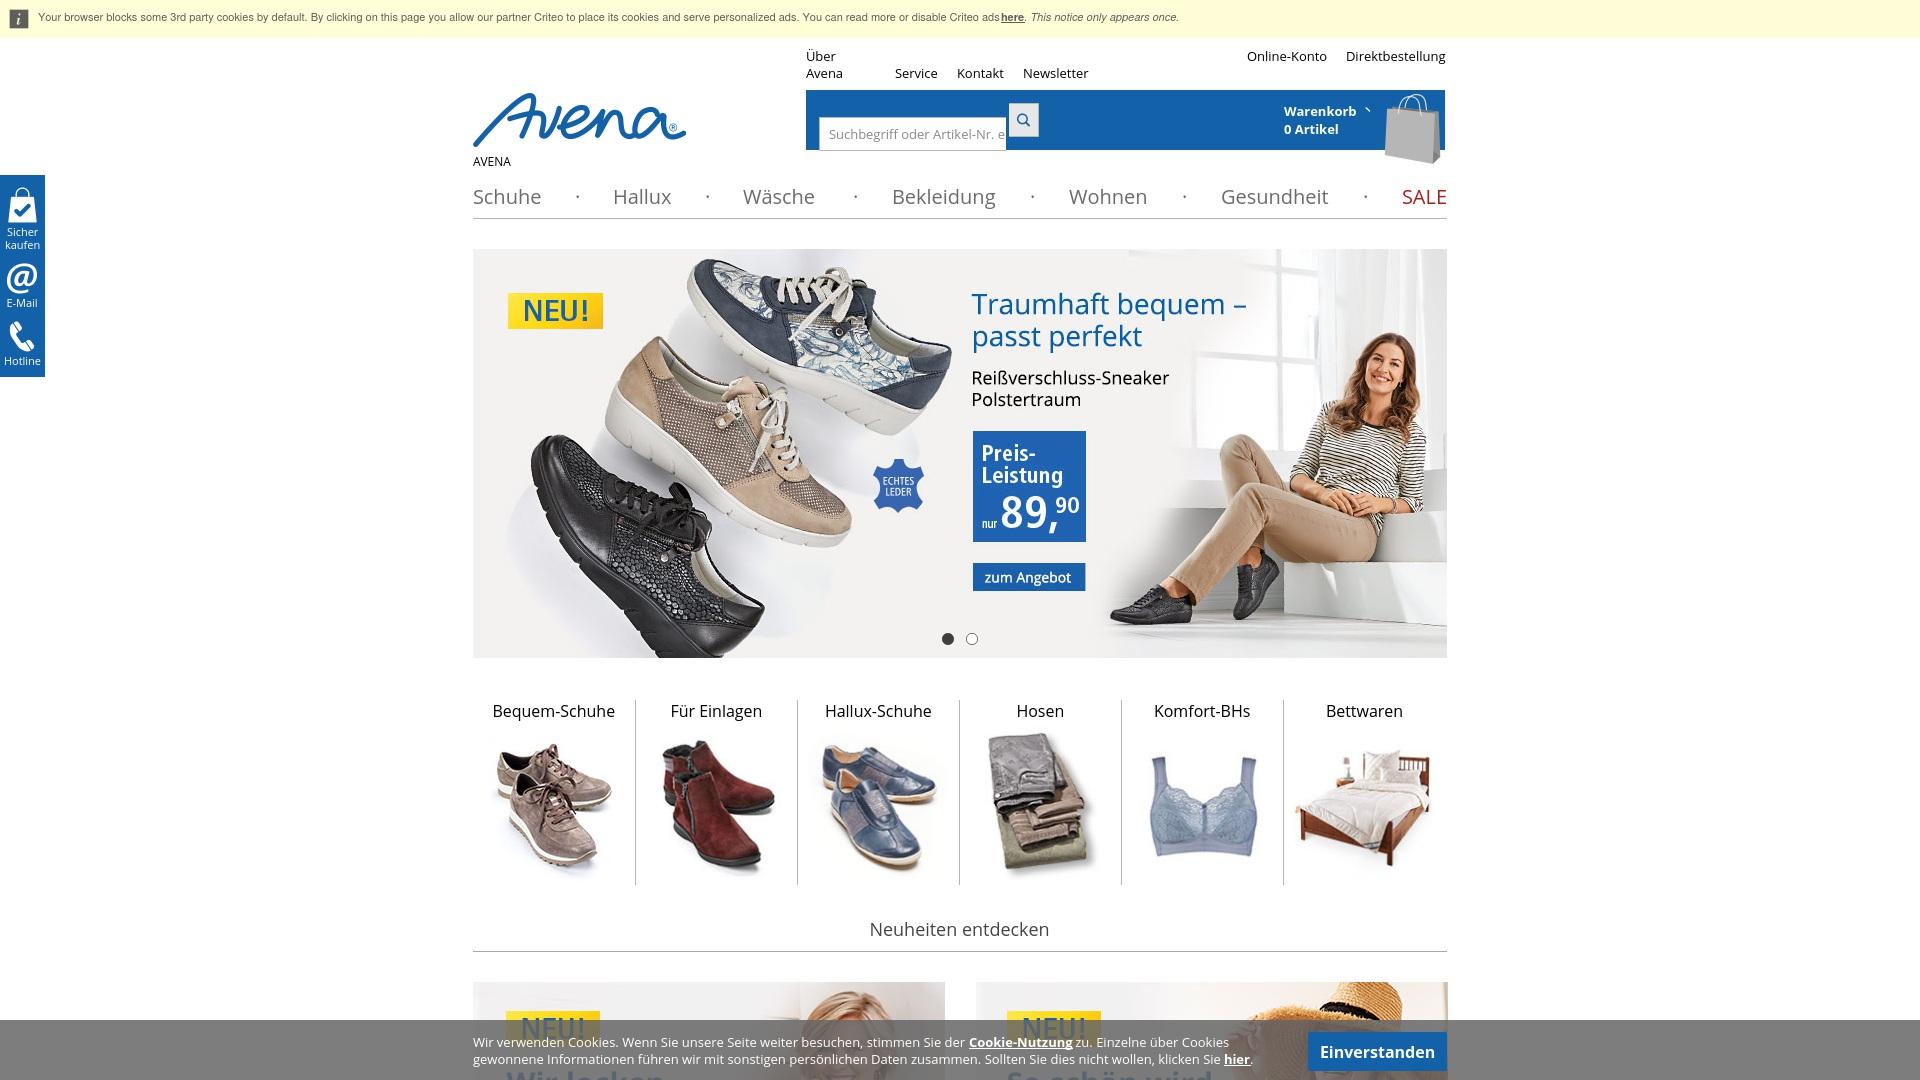 Gutschein für Avena: Rabatte für  Avena sichern